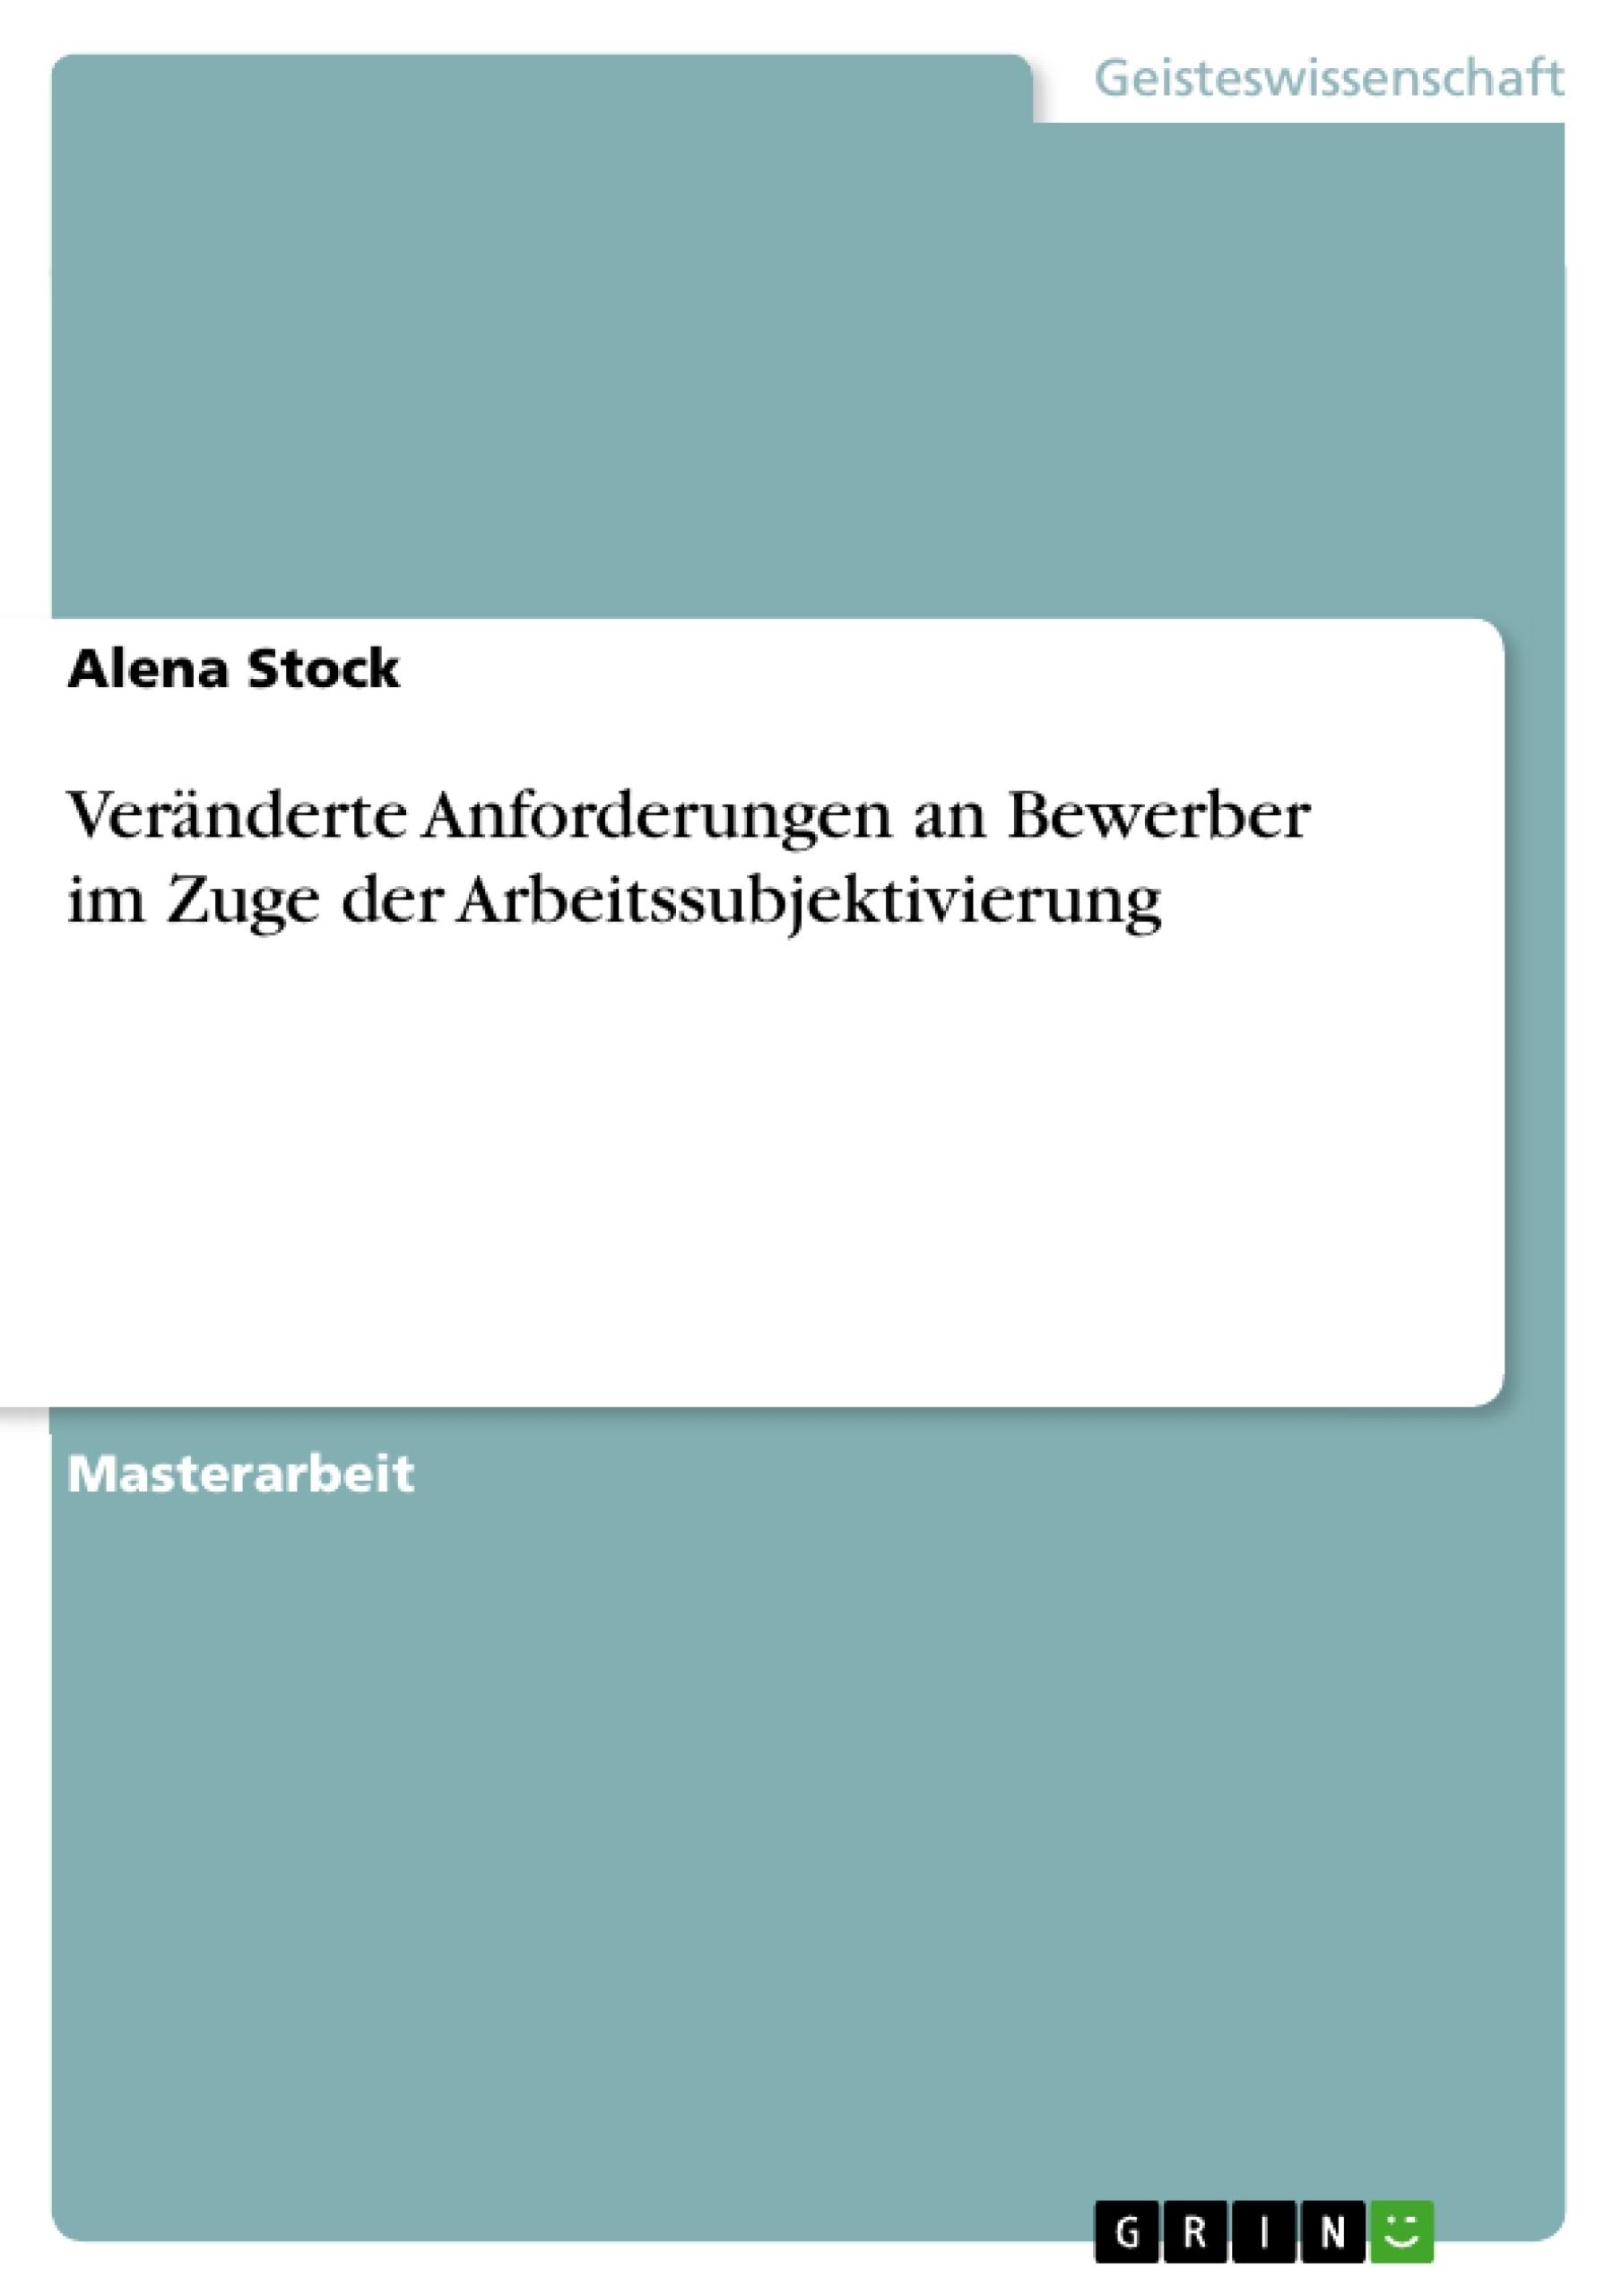 Titel: Veränderte Anforderungen an Bewerber im Zuge der Arbeitssubjektivierung